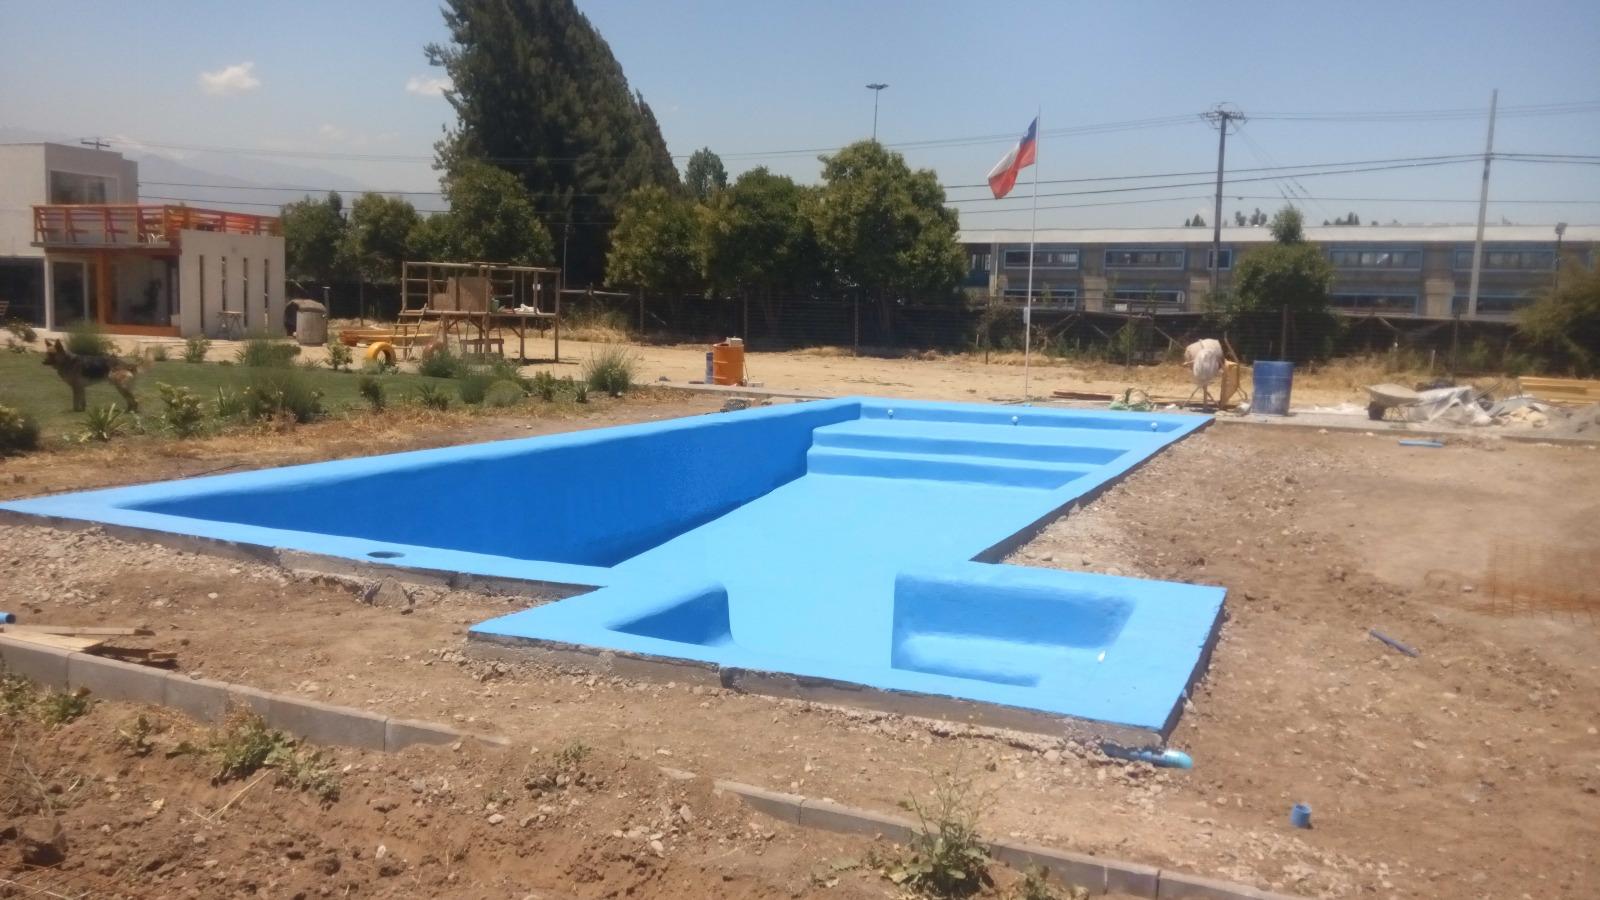 Piscina 70m2 chicureo poniente saygo ingenier a for Construccion piscinas chicureo